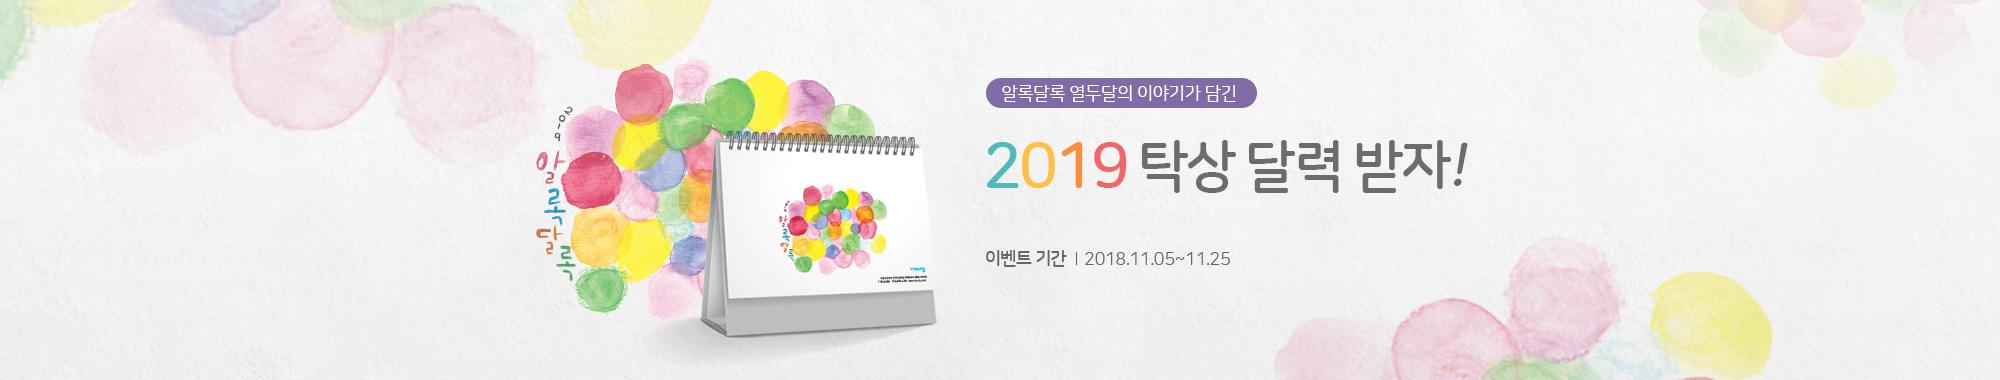 2019 달력 증정 이벤트